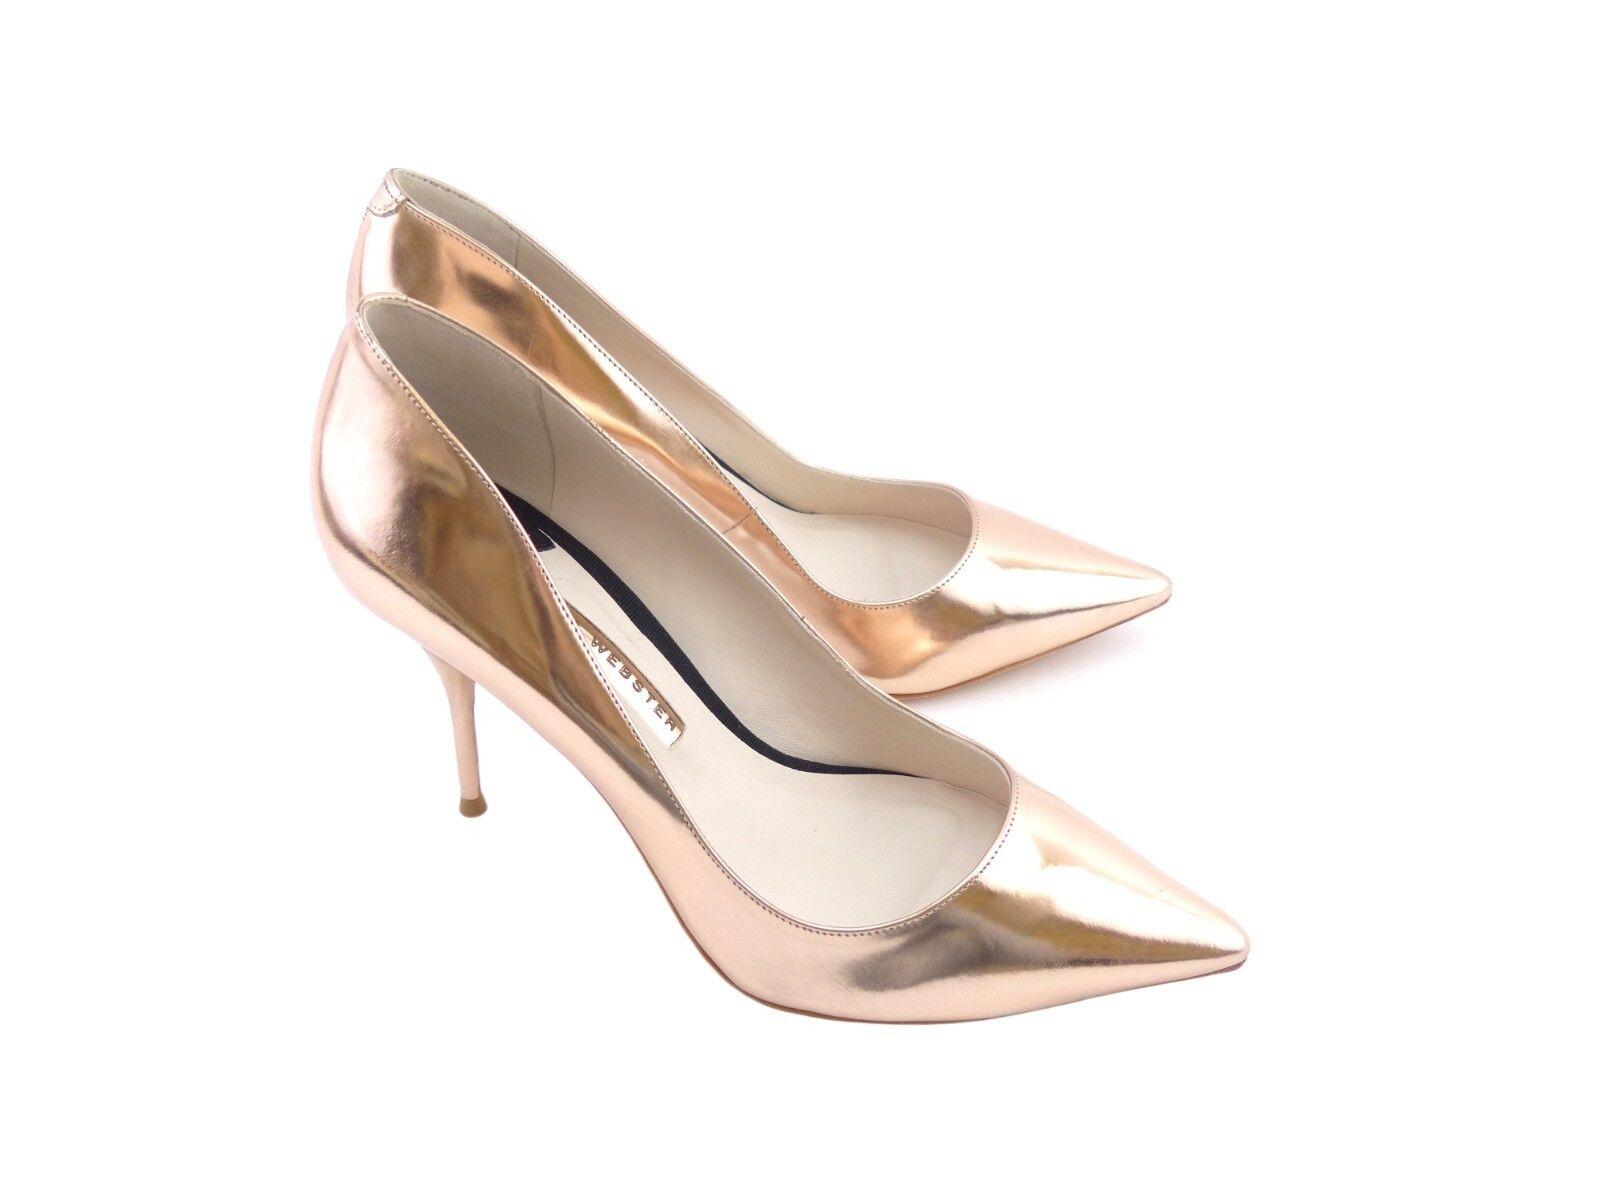 Sophia Webster 'Lola' 'Lola' 'Lola' oro rosado con Espejo Cuero  alta calidad